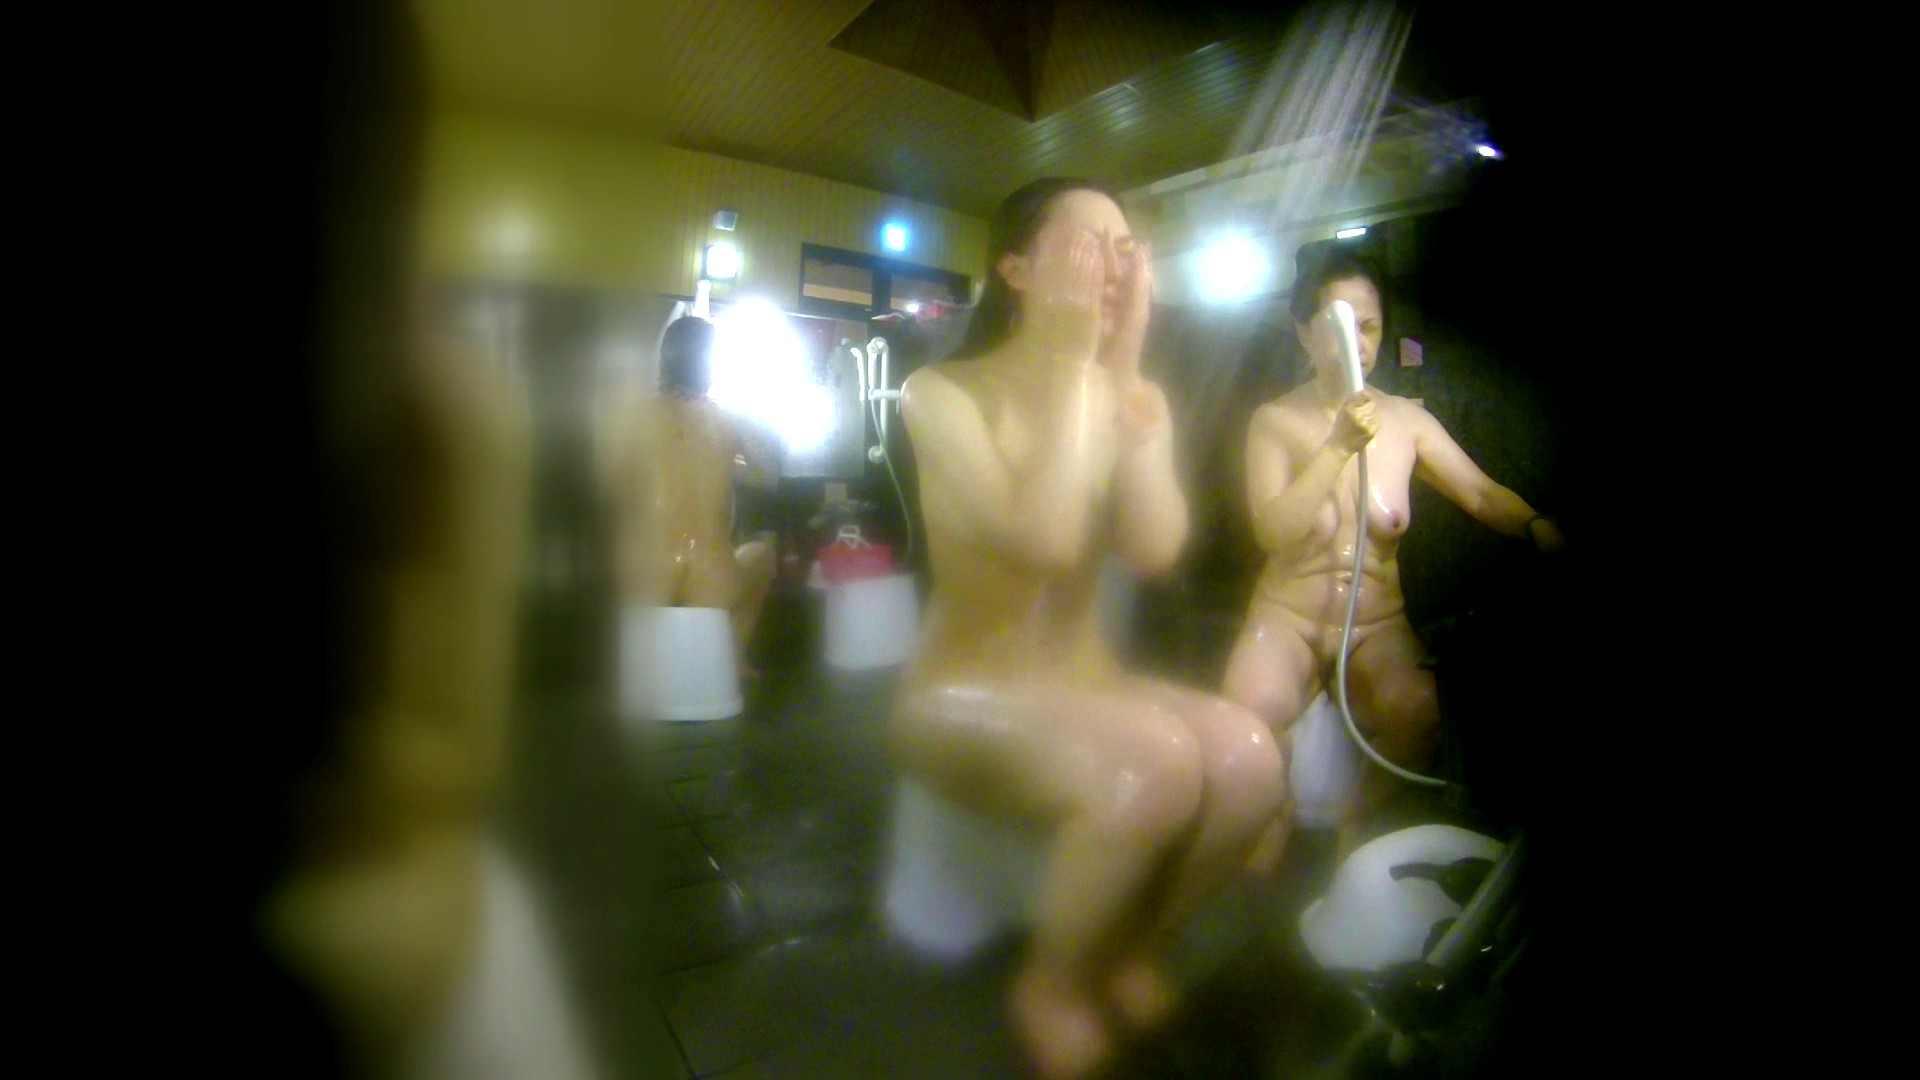 洗い場!右足の位置がいいですね。陰毛もっさり! 美乳 おまんこ動画流出 74画像 5